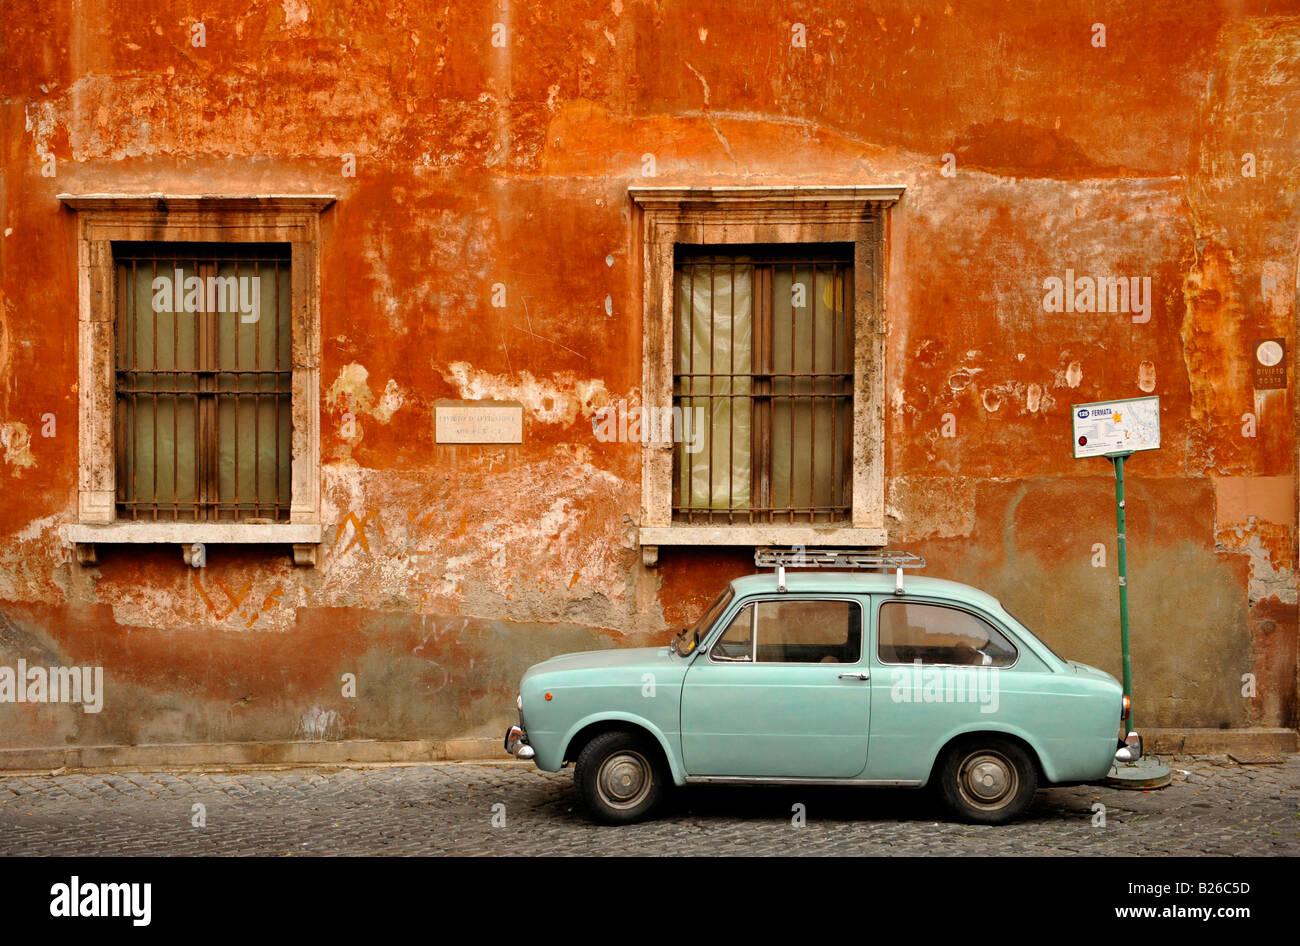 Mur de chambre avec une Fiat 850 à l'avant, le Trastevere, Rome, Italie Banque D'Images